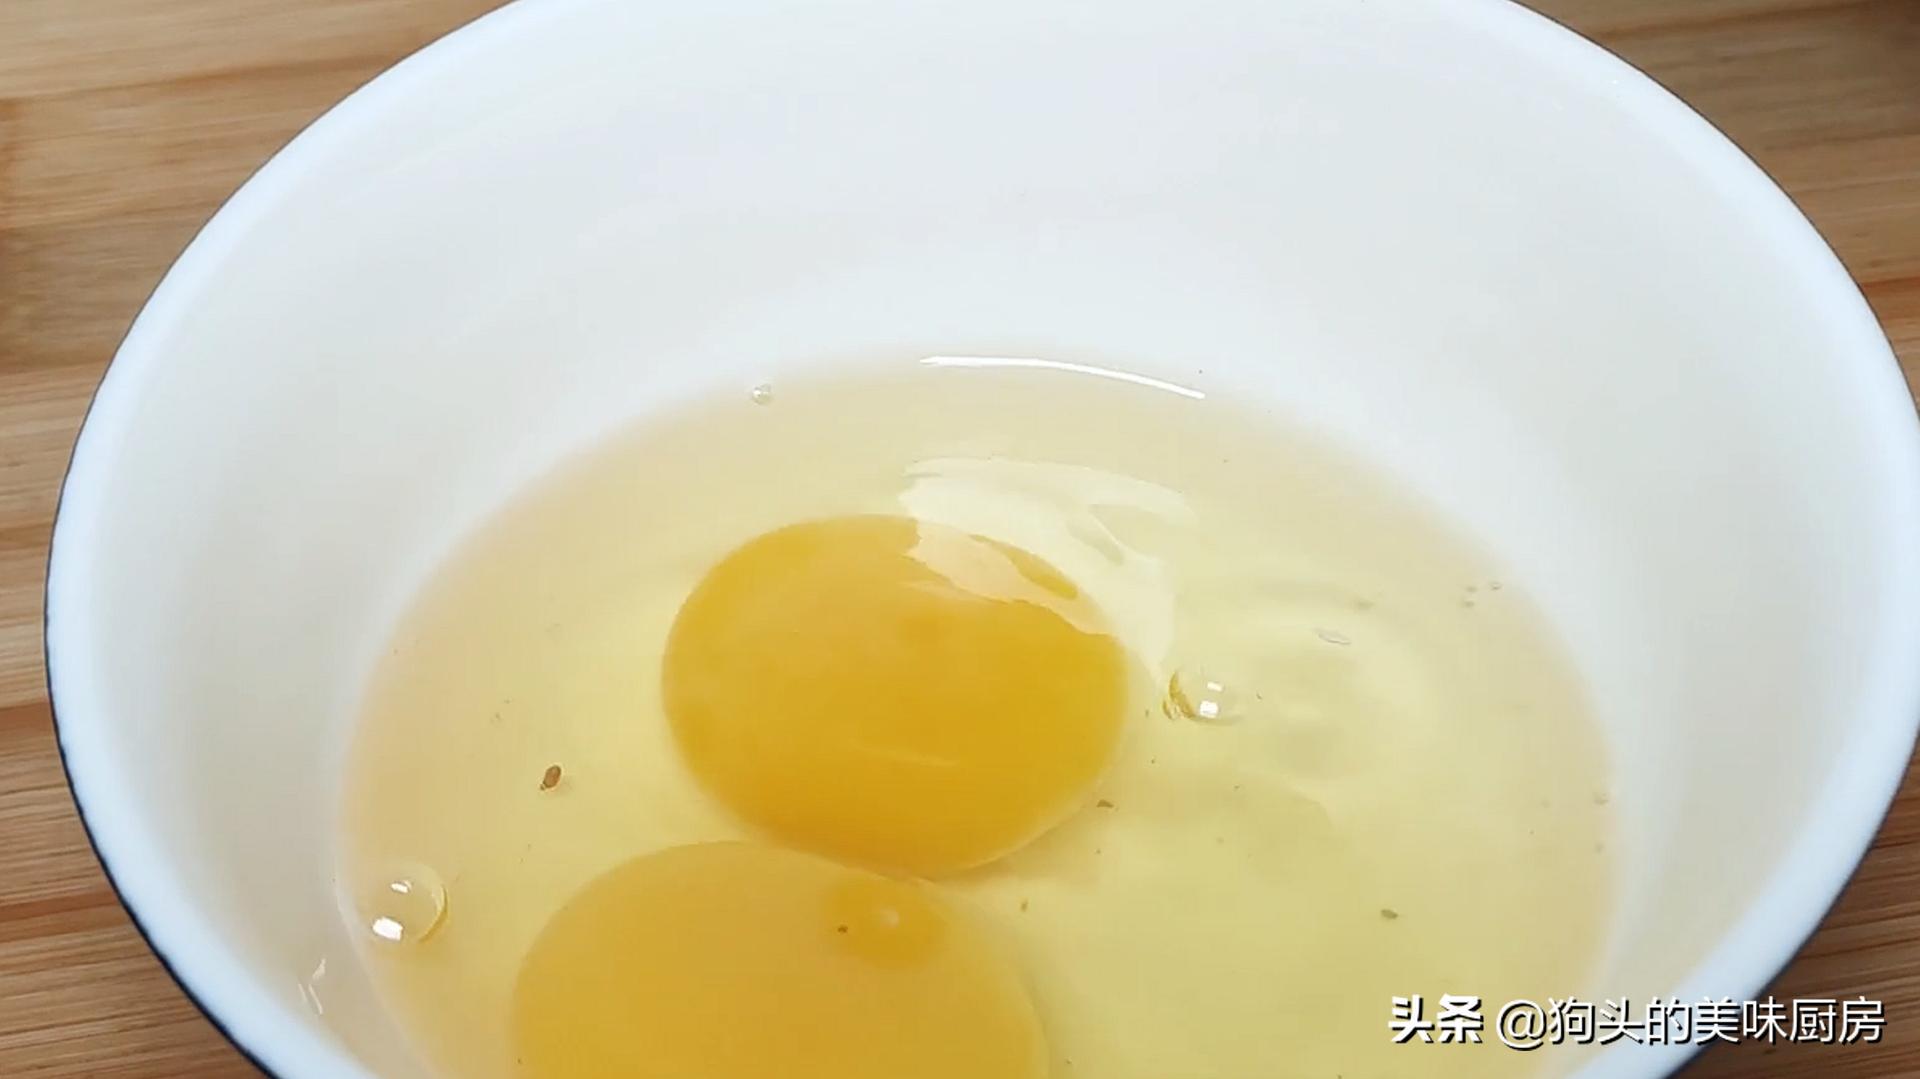 5个土豆,2个鸡蛋,教你没有吃过的做法,比肉还香,上桌就被扫光 美食做法 第8张